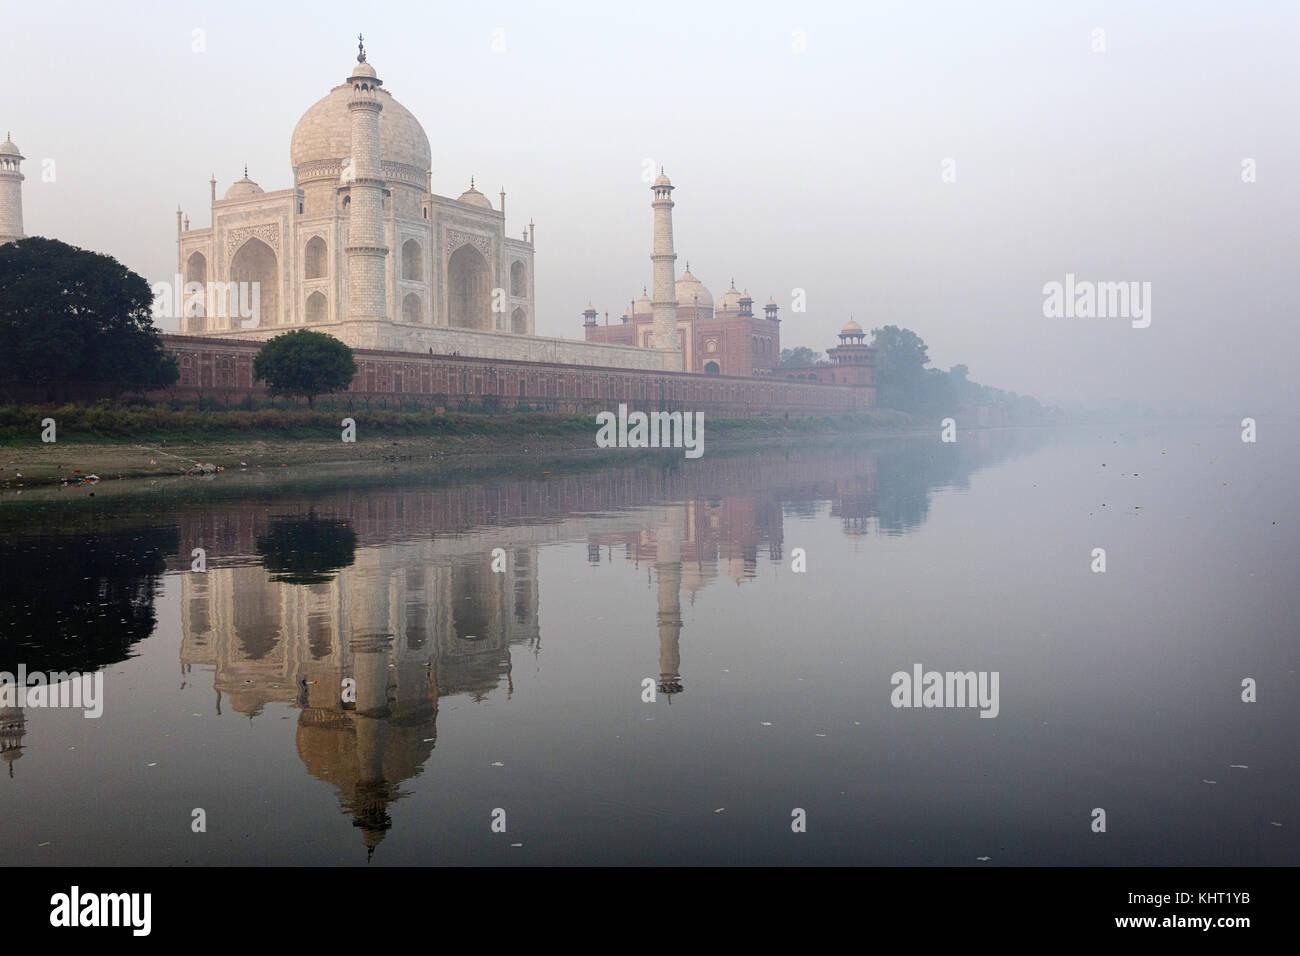 Réflexion matinale de Taj Mahal en rivière Yamuna, UNESCO World Heritage Site, Agra, Uttar Pradesh, Inde, Asie Banque D'Images